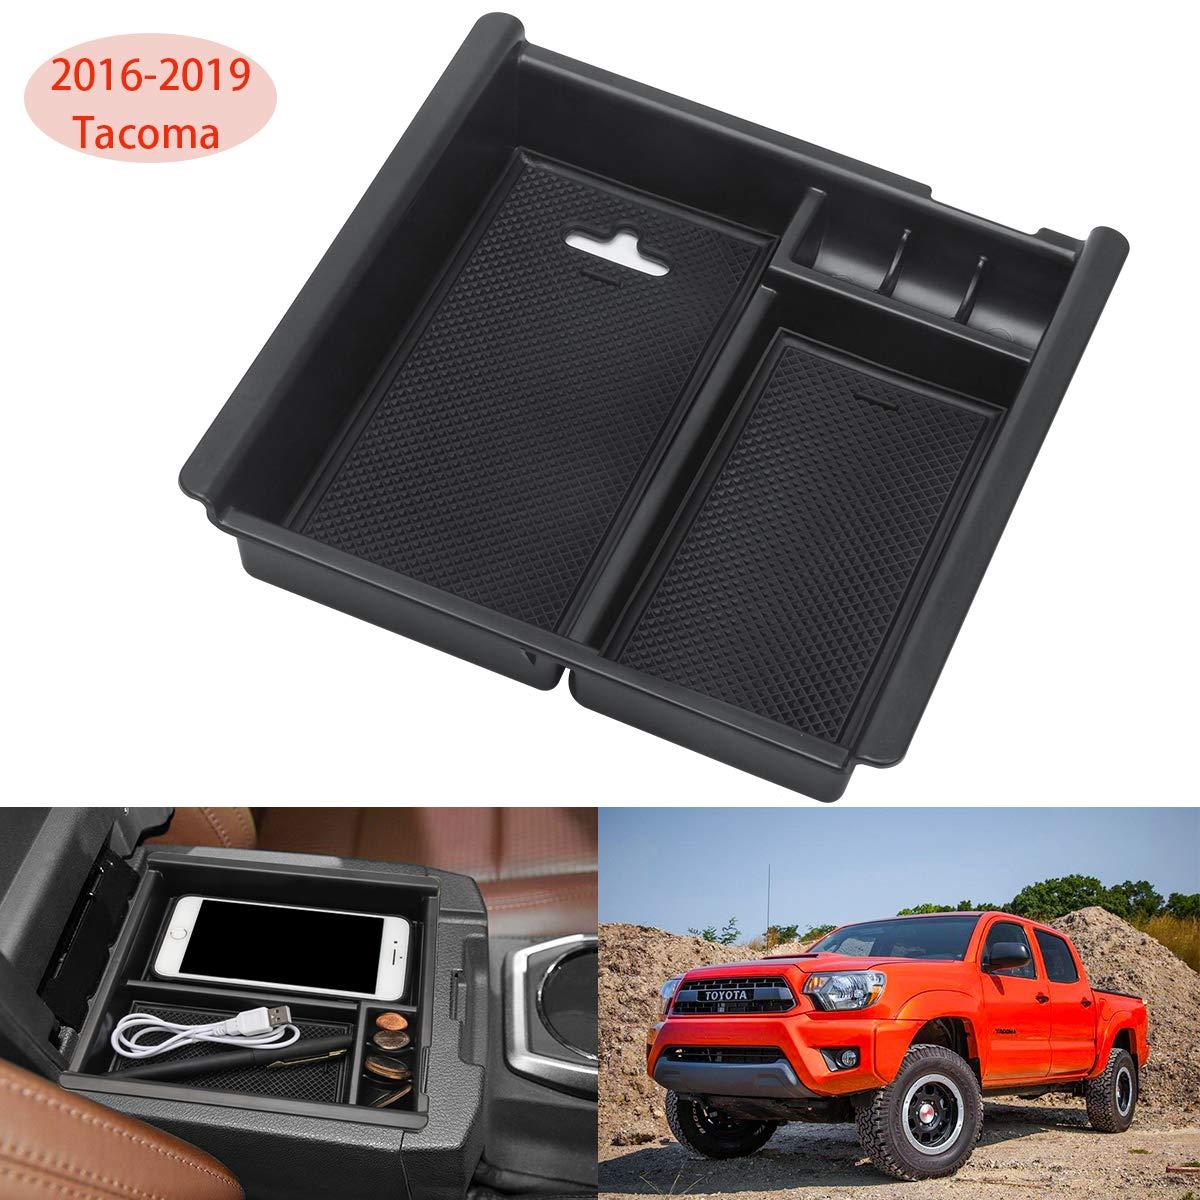 Toyota Truck Accessories >> Luxiv Center Console Organizer For Toyota Tacoma 2016 2017 2018 2019 Tacoma Accessories Console Insert Organizer Tray Tacoma Armrest Box Secondary